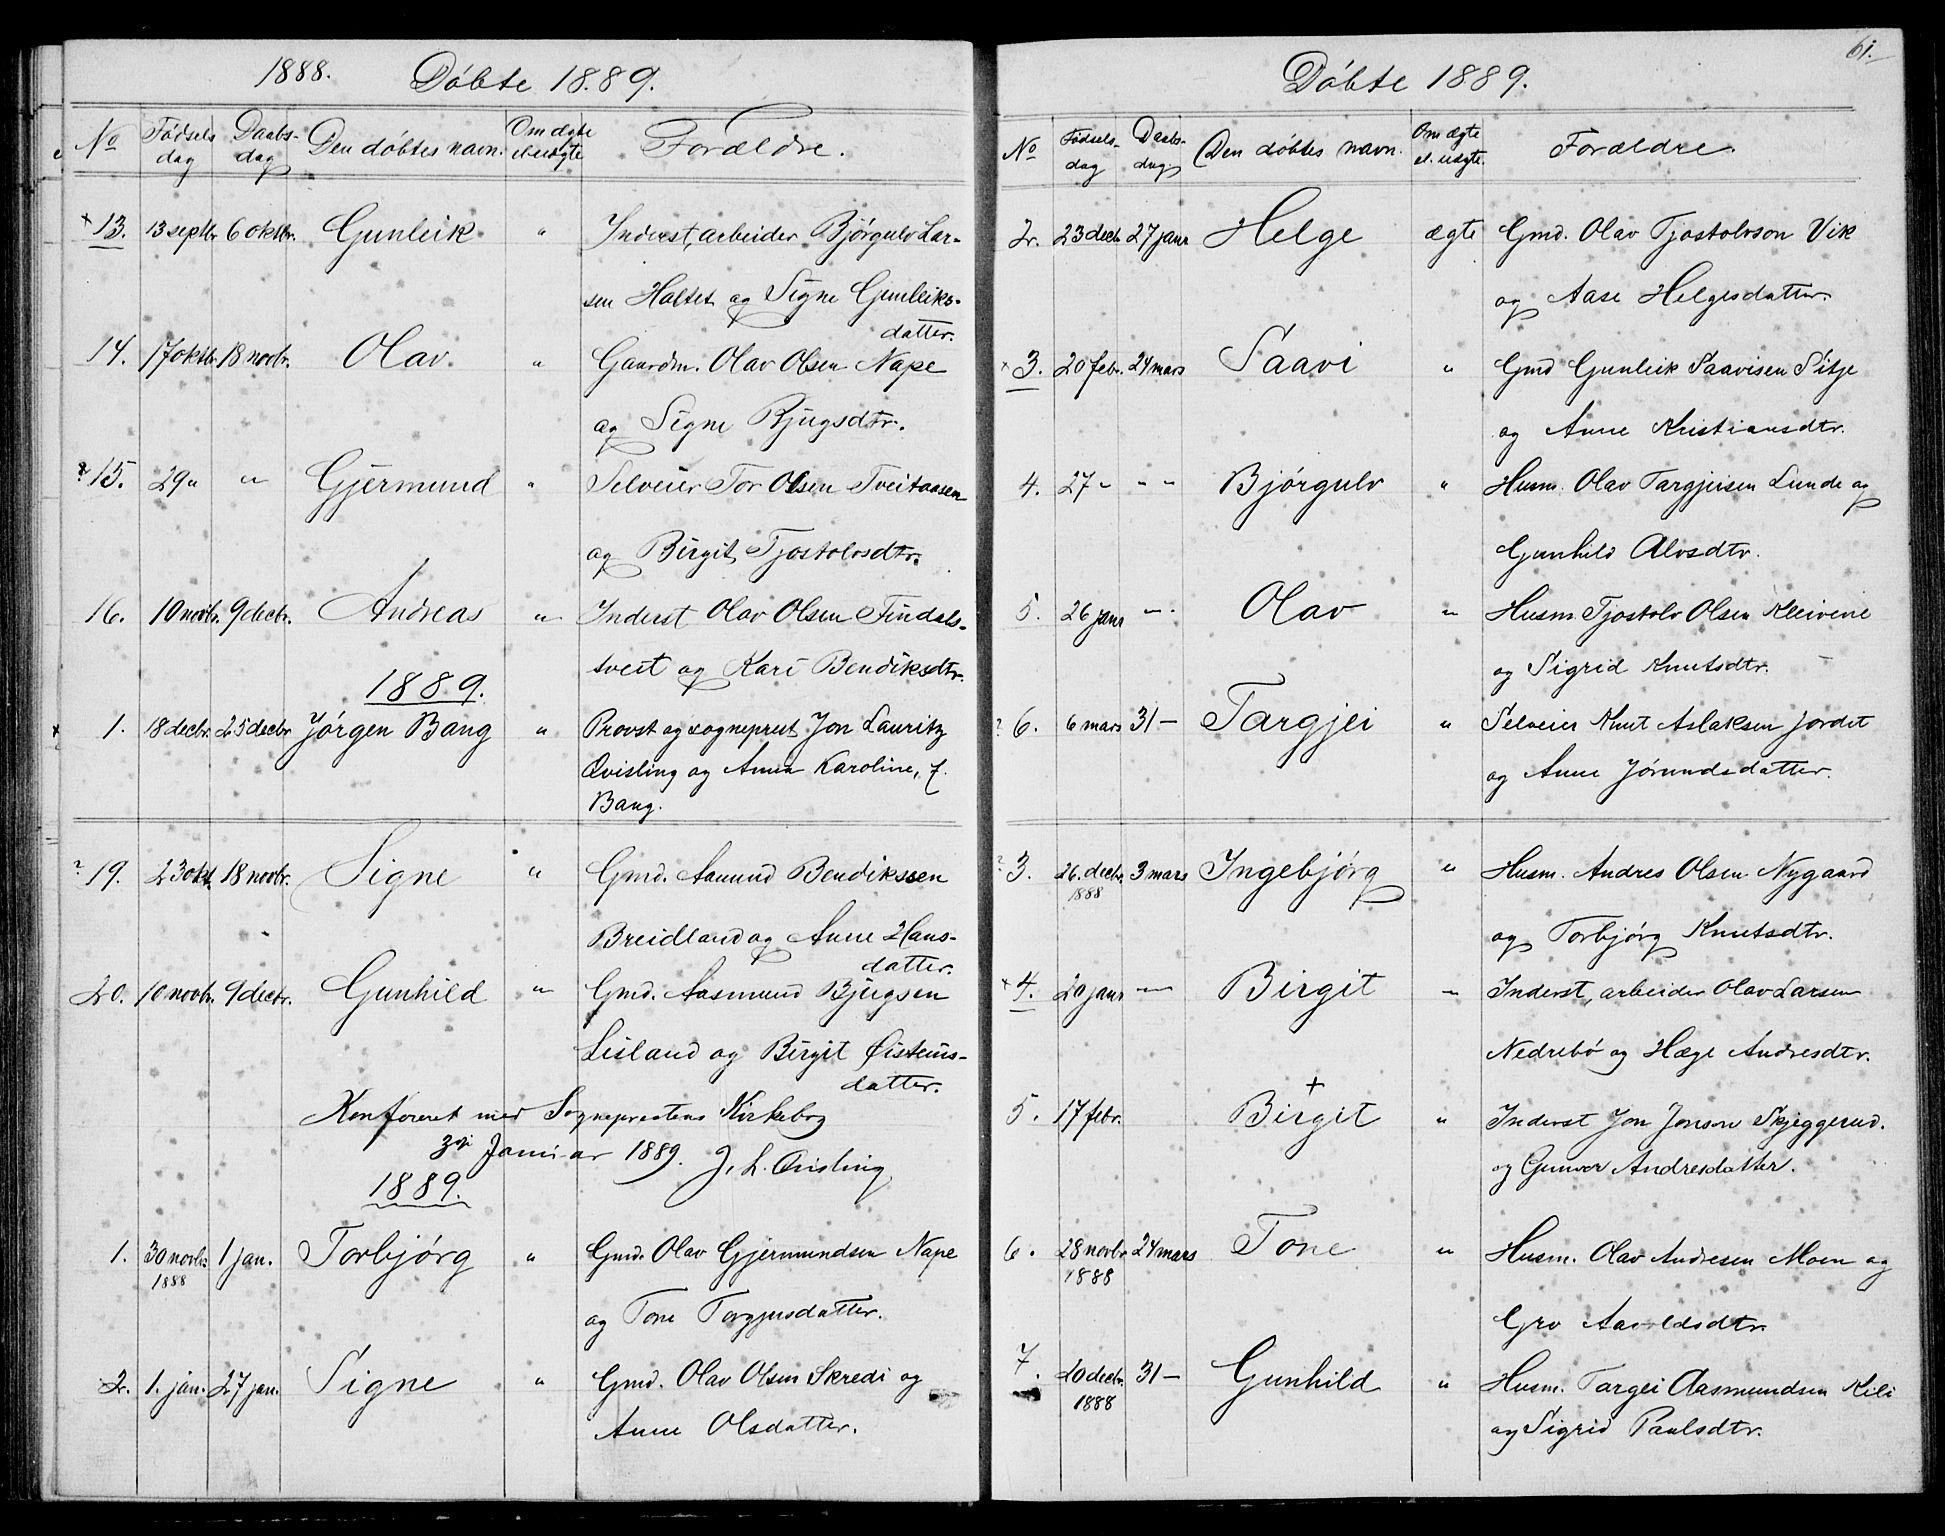 SAKO, Fyresdal kirkebøker, G/Ga/L0004: Klokkerbok nr. I 4, 1864-1892, s. 61